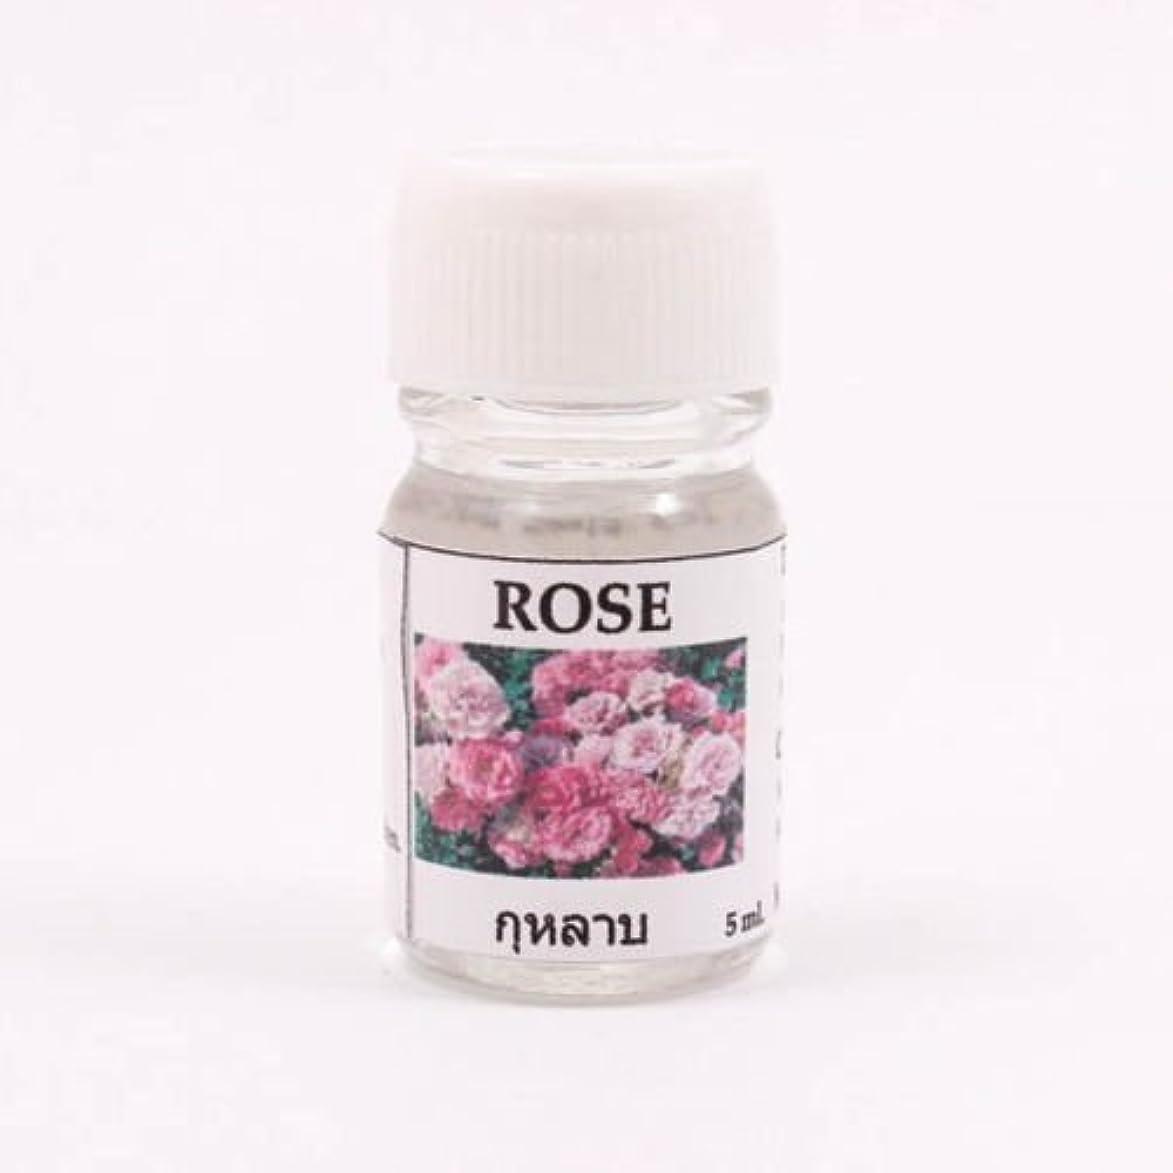 素晴らしいです秋障害6X Rose Aroma Fragrance Essential Oil 5ML. (cc) Diffuser Burner Therapy